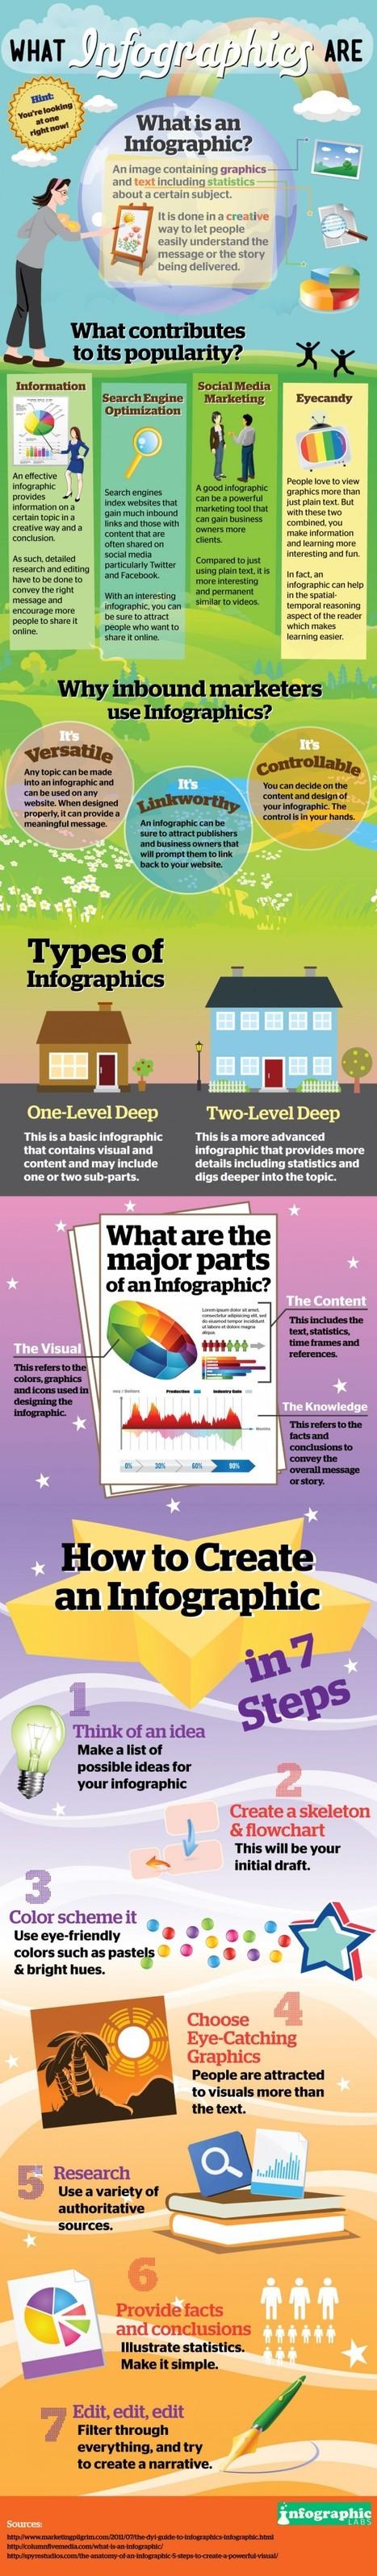 Hoe maak je een goede infographic? | Social Media & sociaal-cultureel werk | Scoop.it